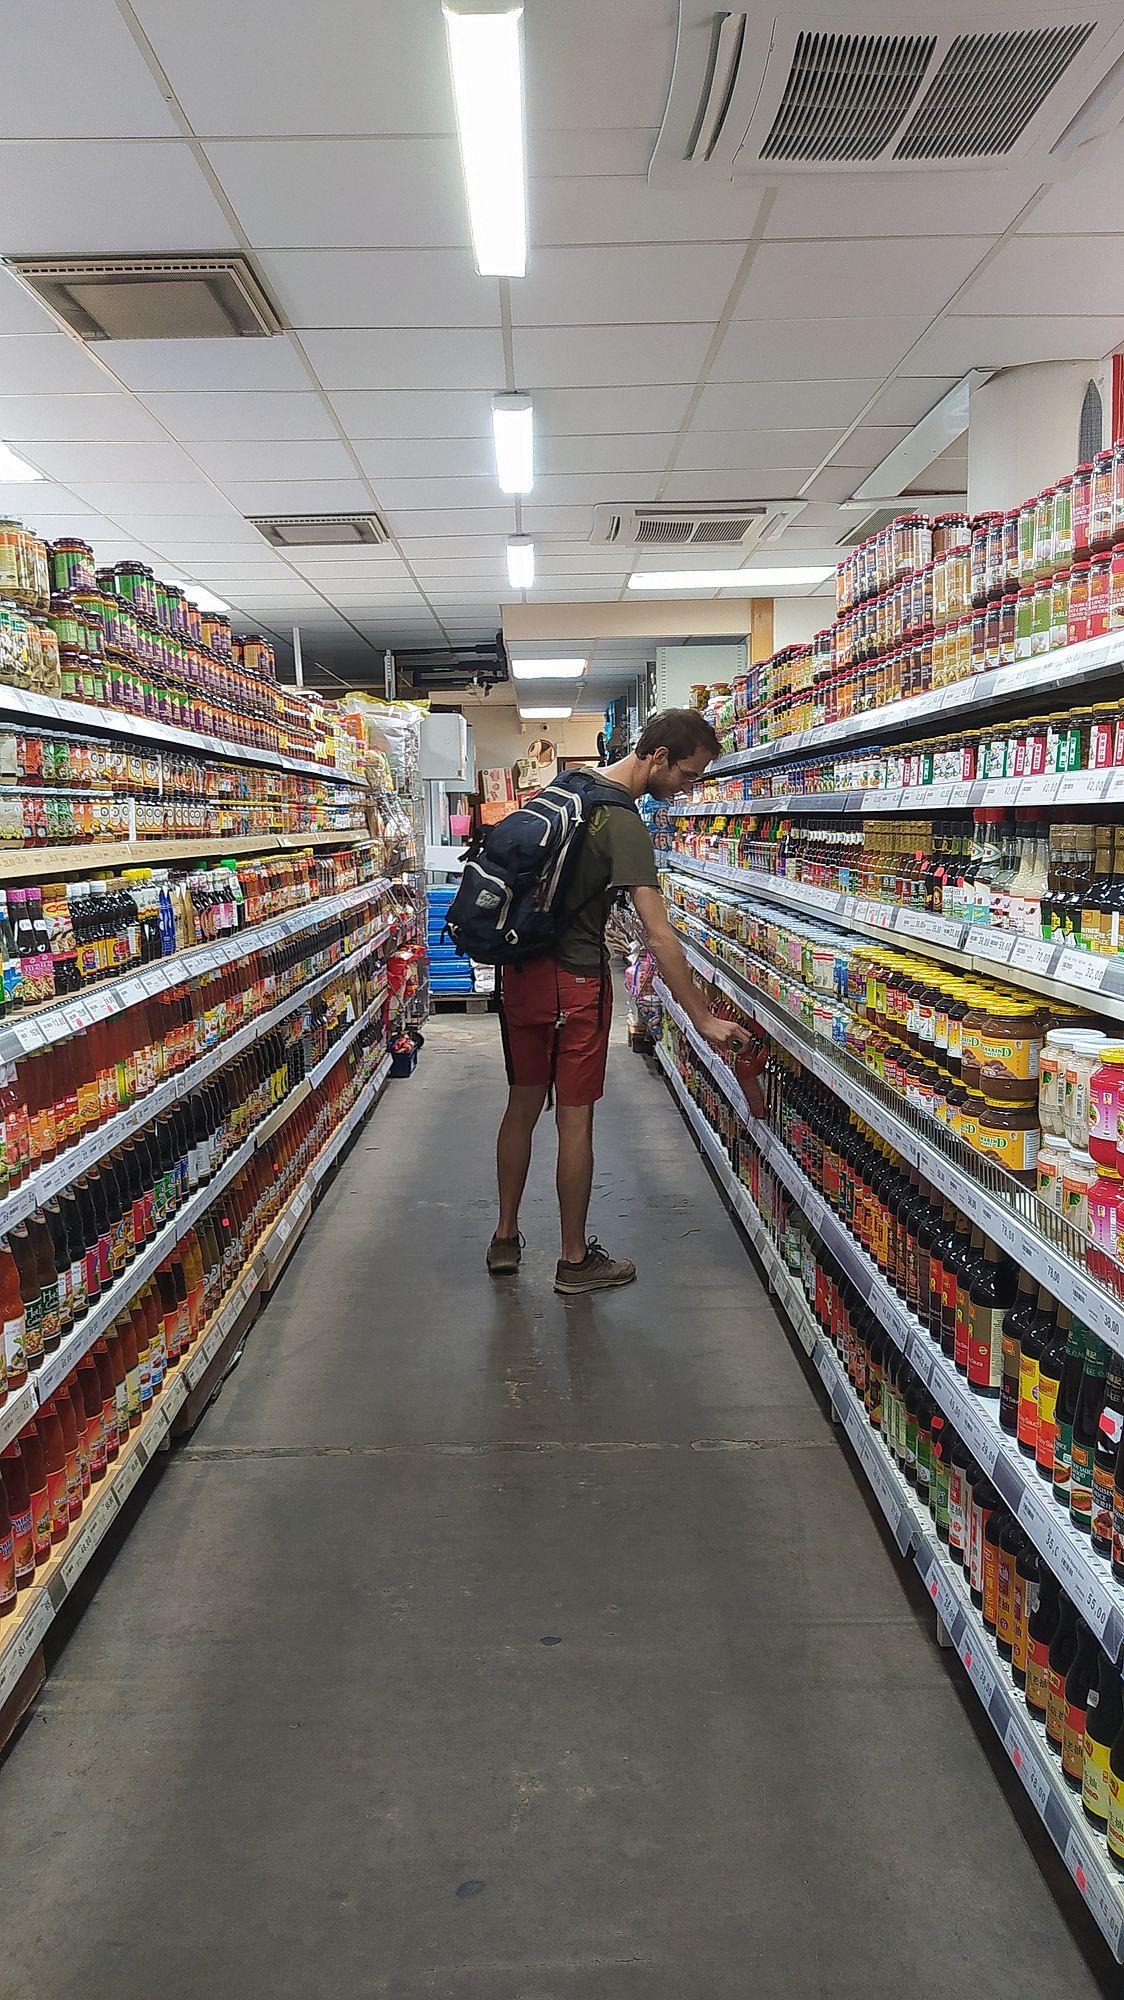 Ryan dans un rayon de magasin asiatique à Stockholm